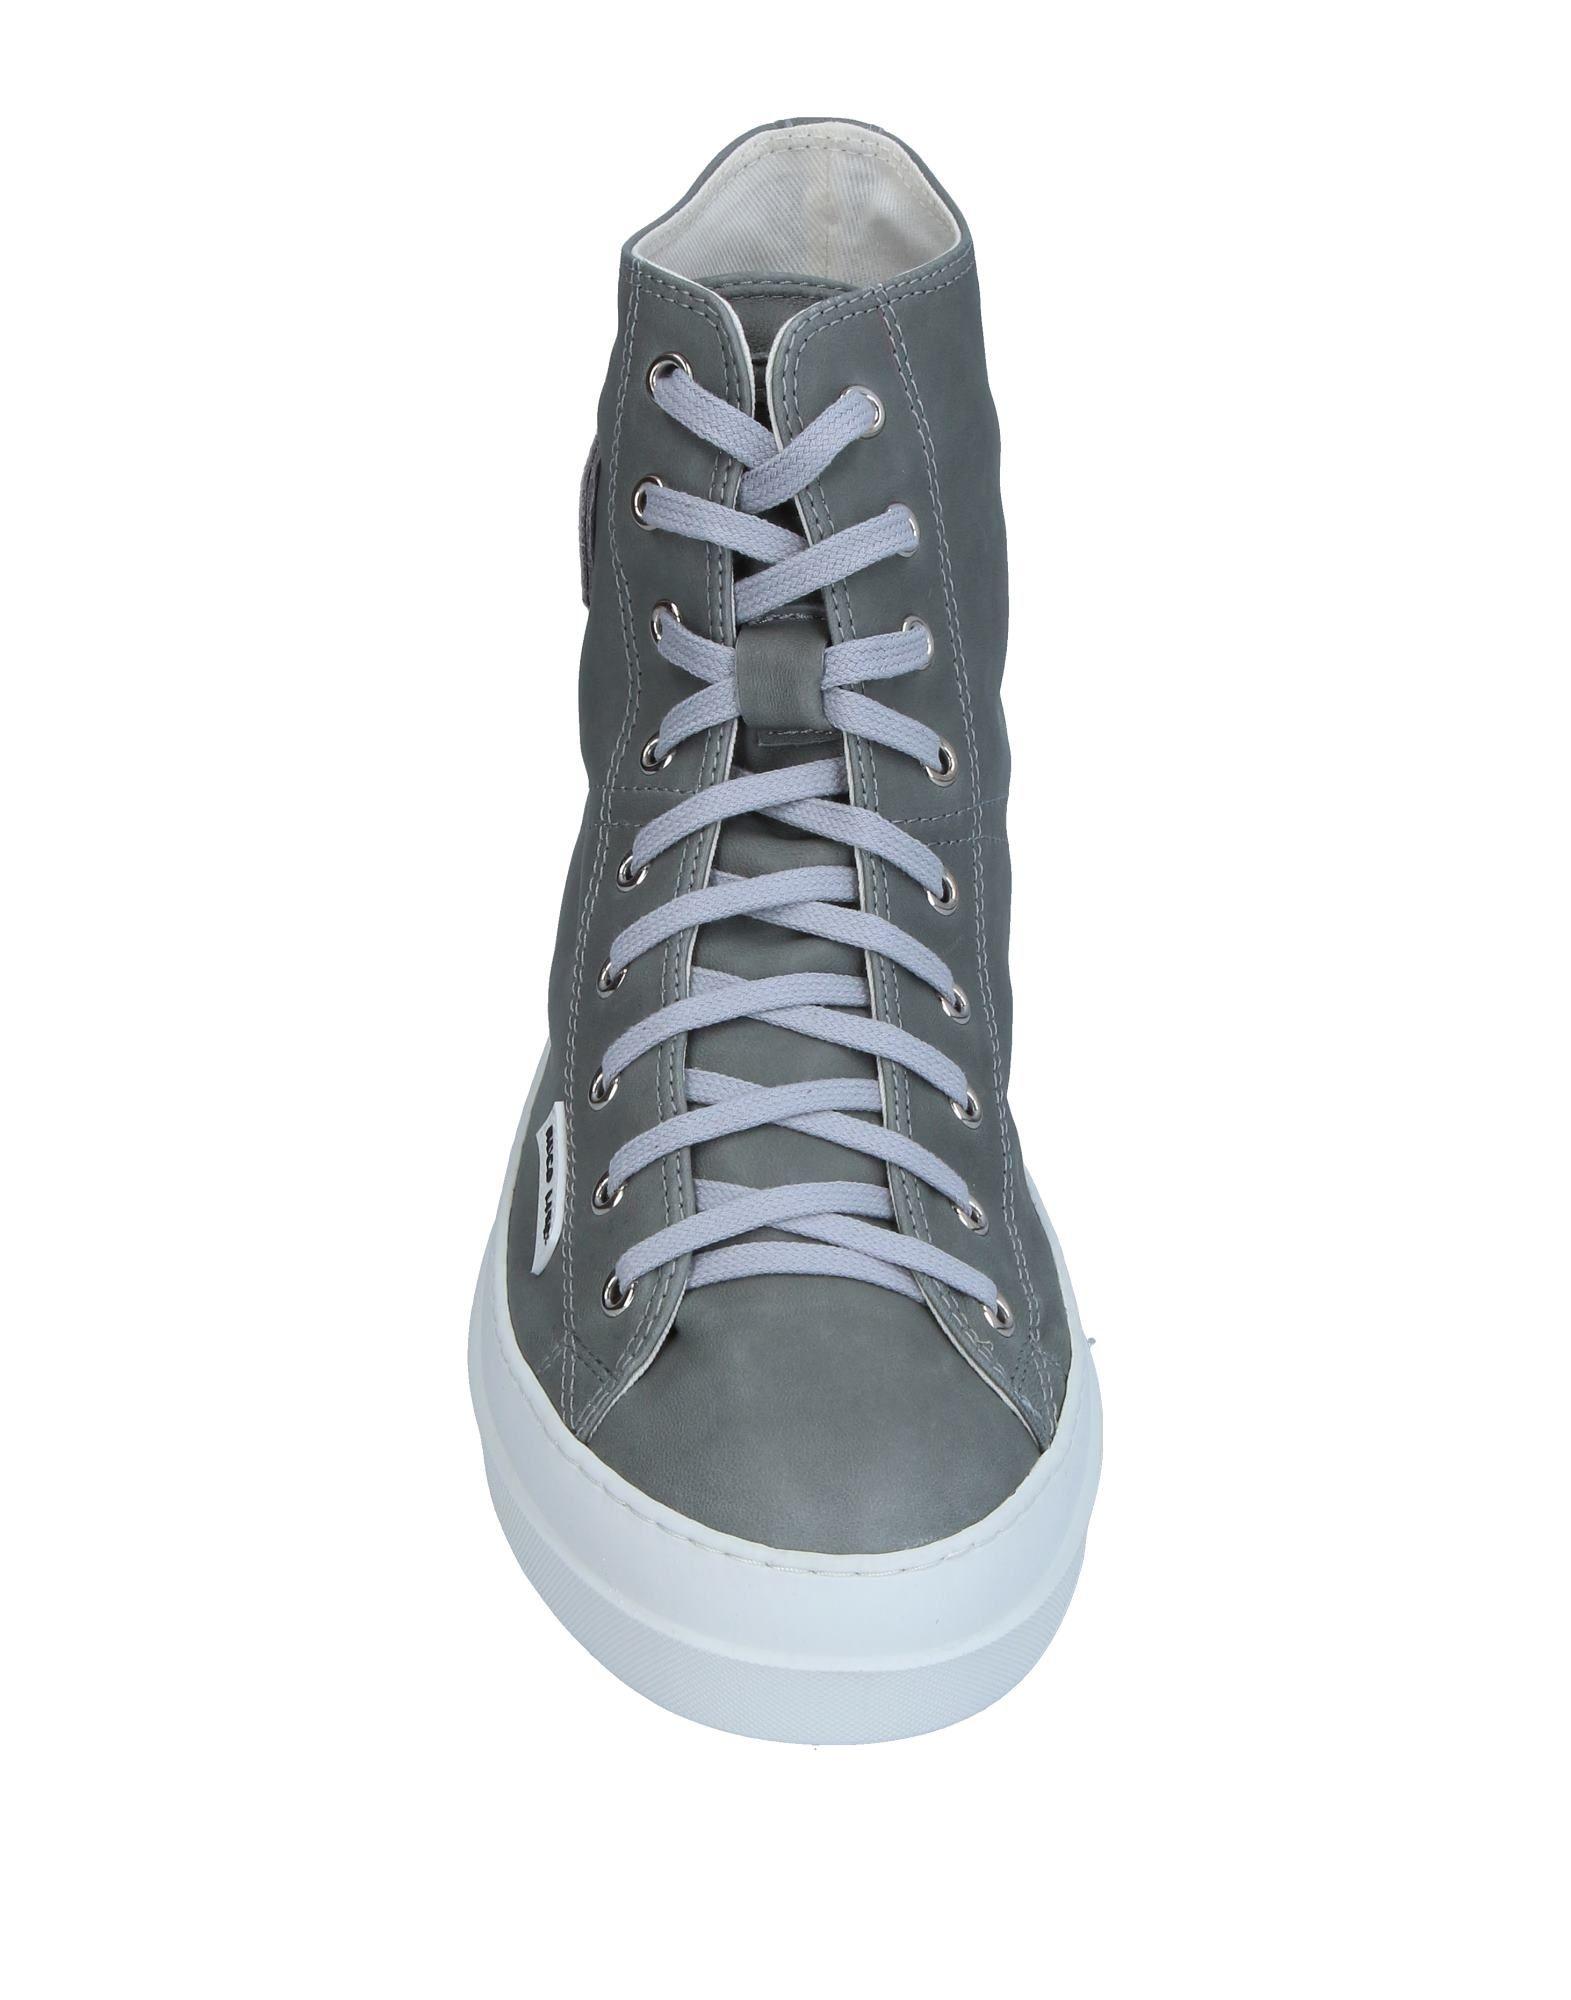 Ruco Line sich Sneakers Damen Gutes Preis-Leistungs-Verhältnis, es lohnt sich Line d78266